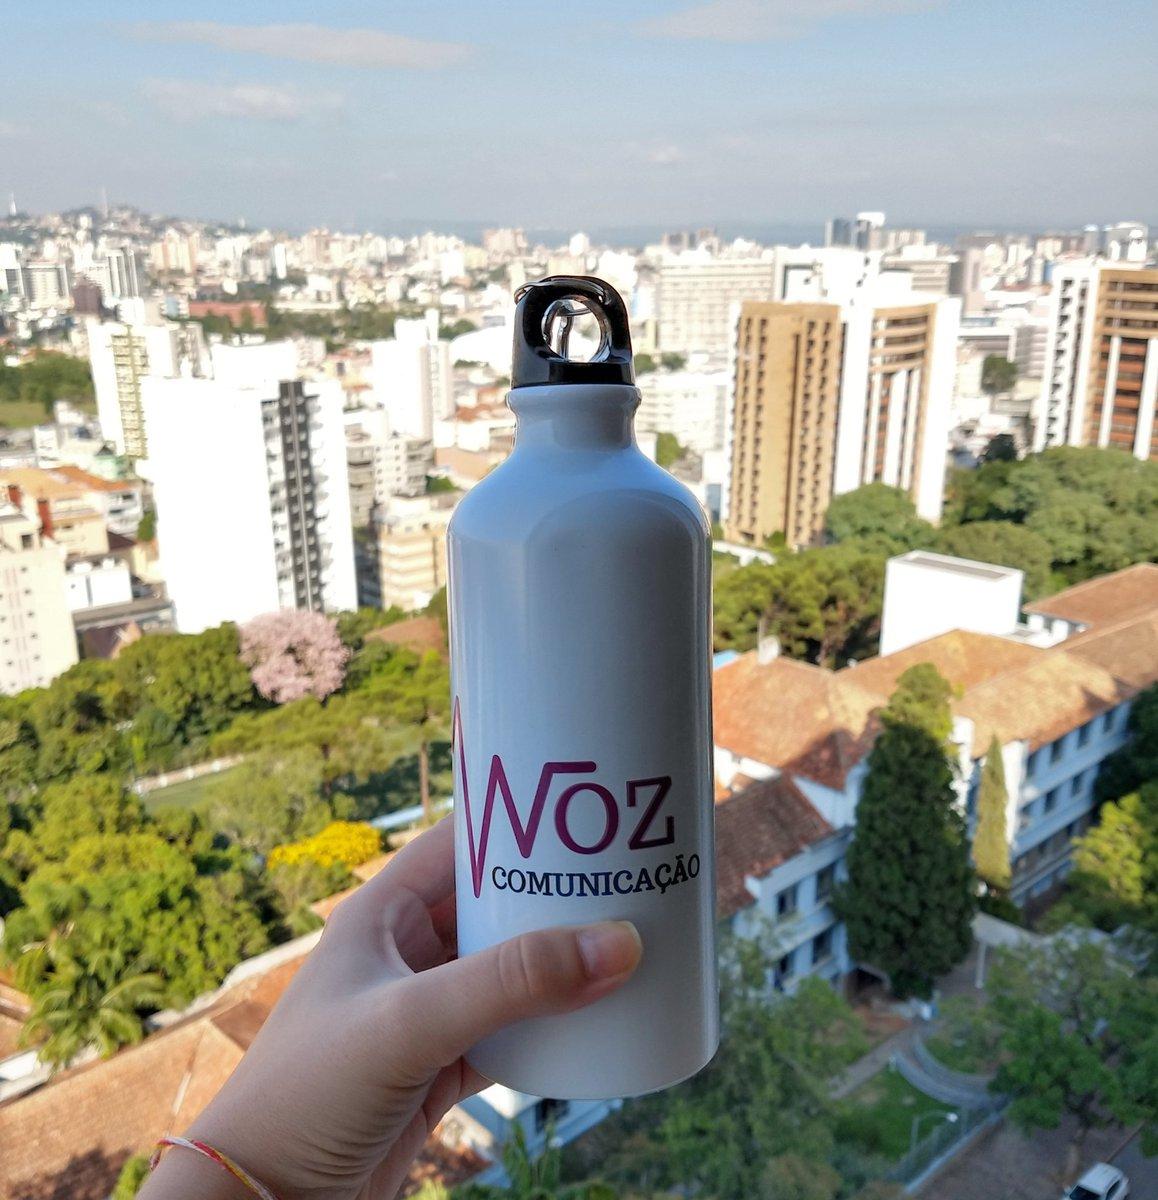 Muito bom dia! Que tenhamos todos mais um lindo dia de trabalho  . . . #voz #VozComunicação #assessoriadeimprensa #assessoria #assessoriadecomunicação #ai #comunica #comunicação #imprensa #empreendedorismofeminimo #empreender #empreendedorismo #poa #portoalegre #photopic.twitter.com/OUun8xHf4b